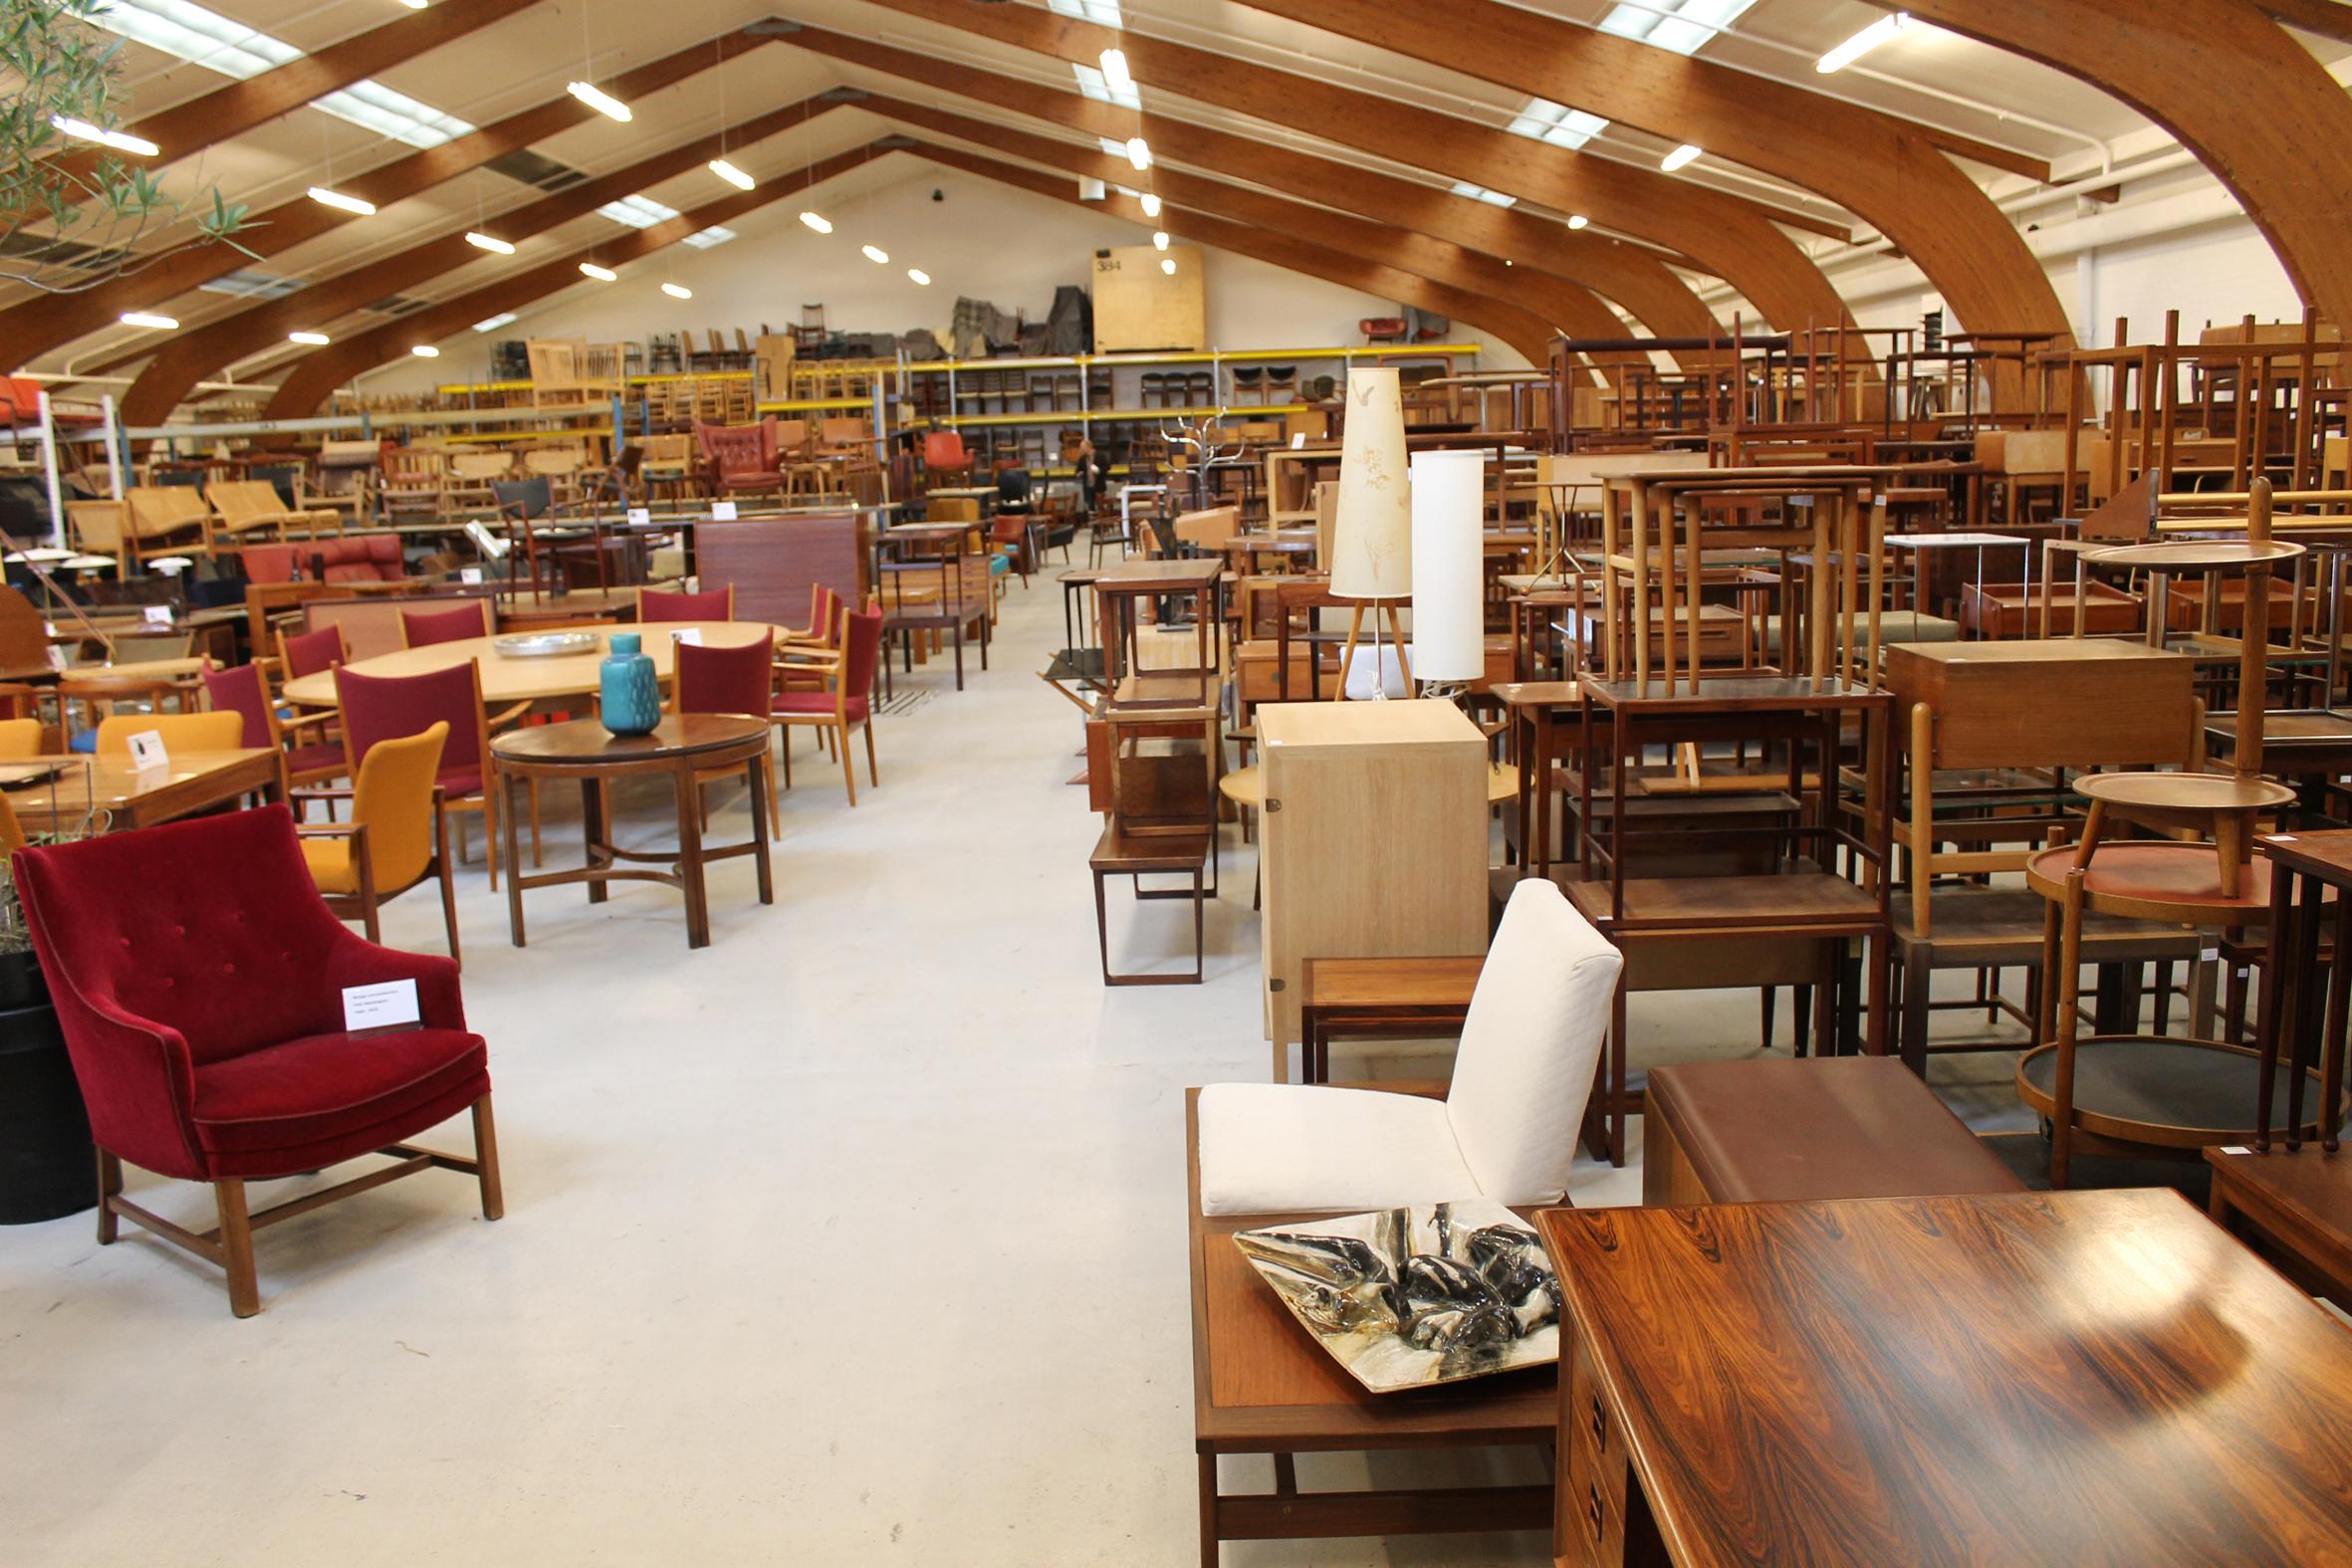 design møbler brugte Roxy Klassik * Brugte design møbler. Arne Jacobsen, Wegner o.a.  design møbler brugte